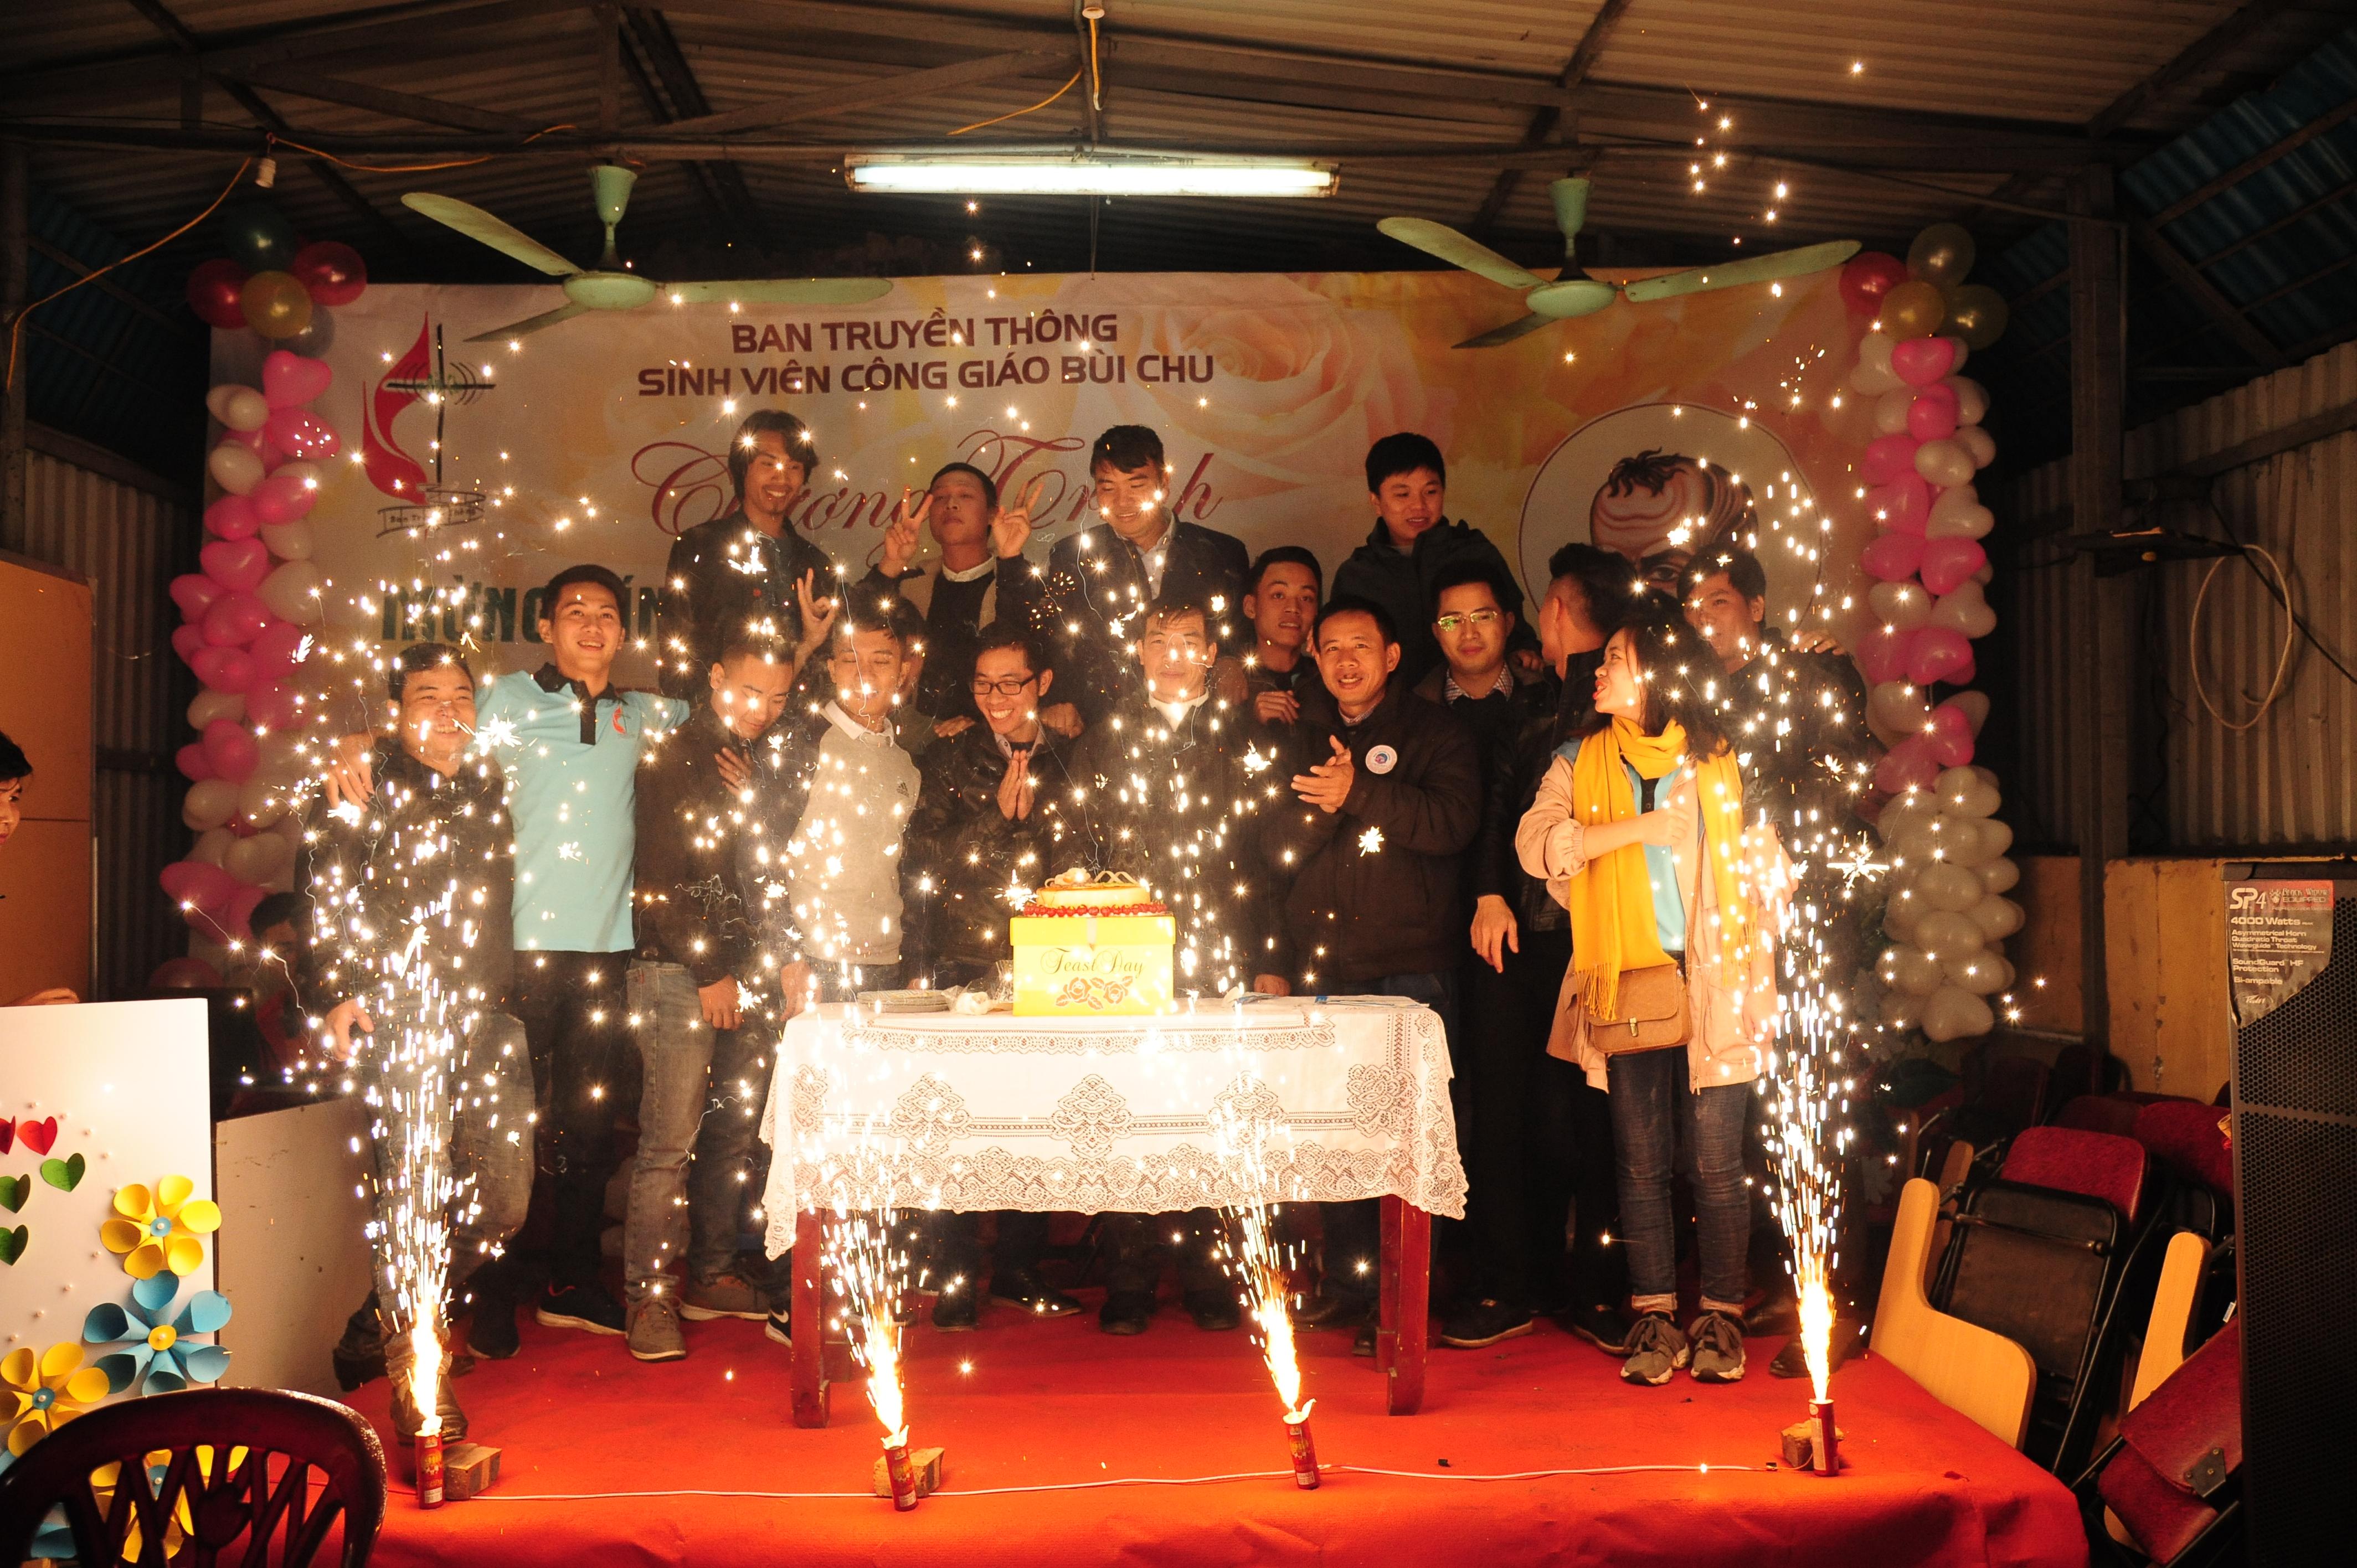 Lễ sinh nhật và mừng kính thánh quan thầy Phaolo trở lại của Ban truyền thông sinh viên công giáo Bùi Chu